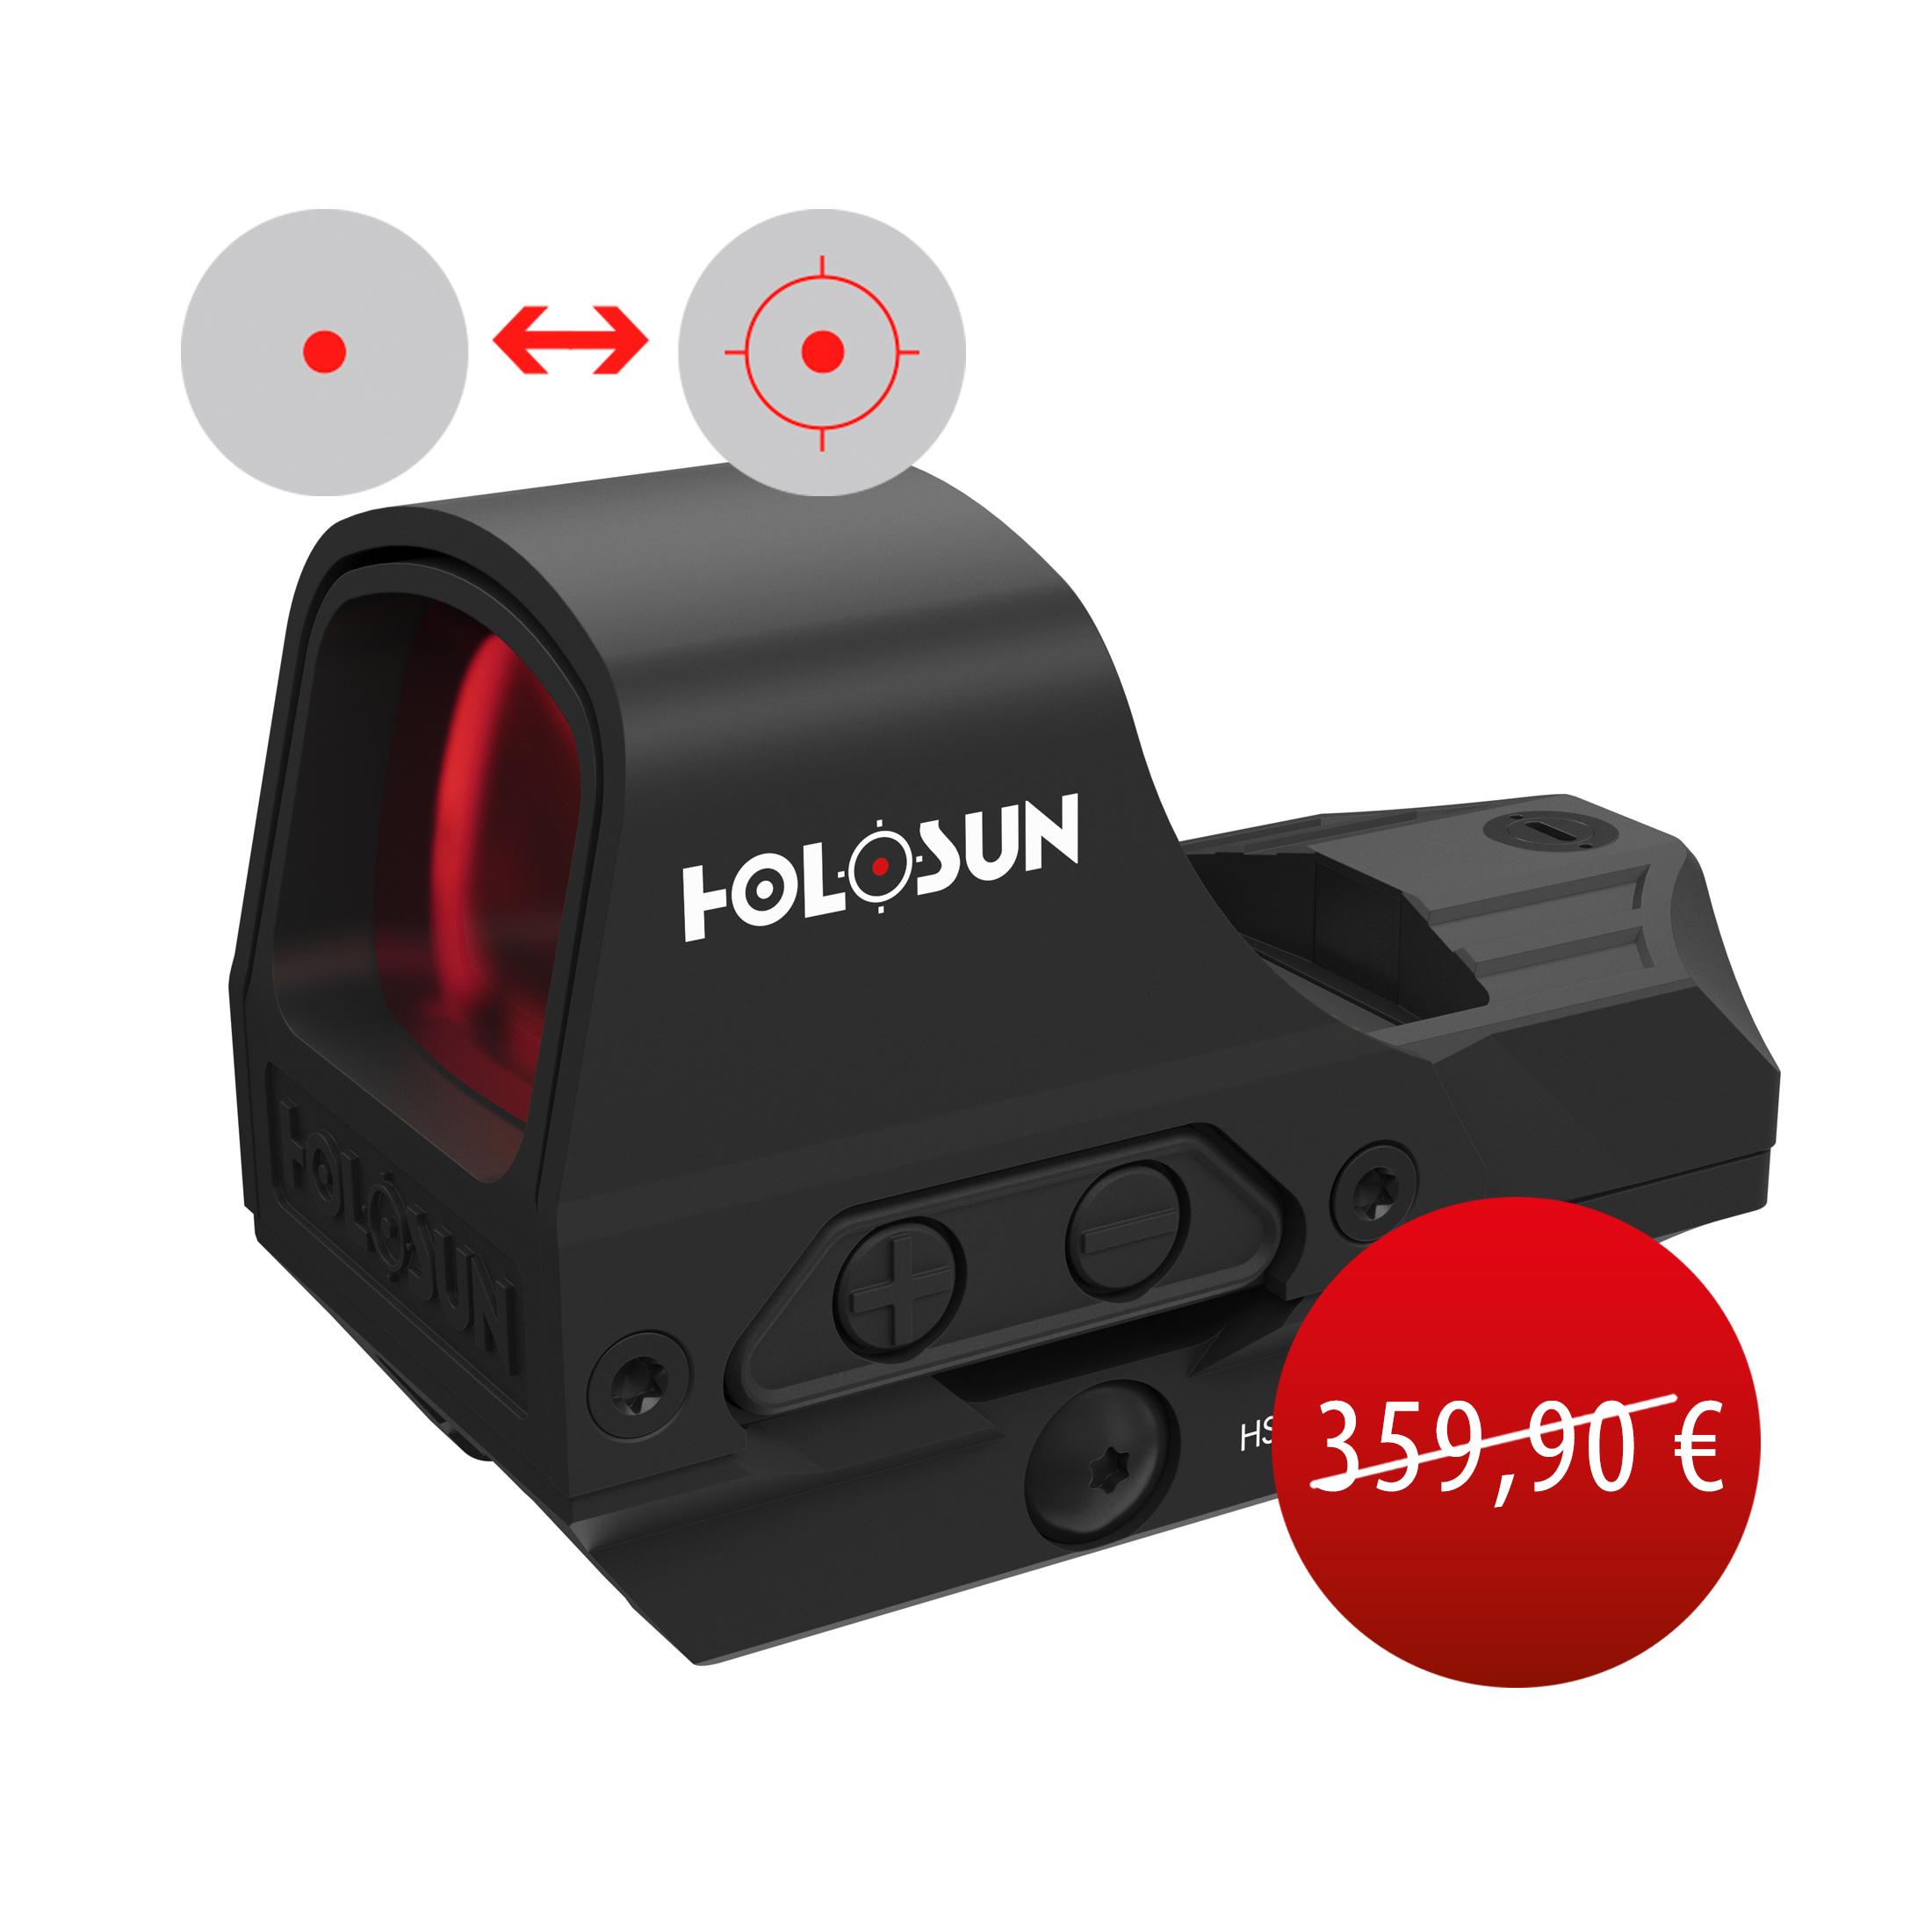 Holosun CLASSIC HS510C-RENEWED